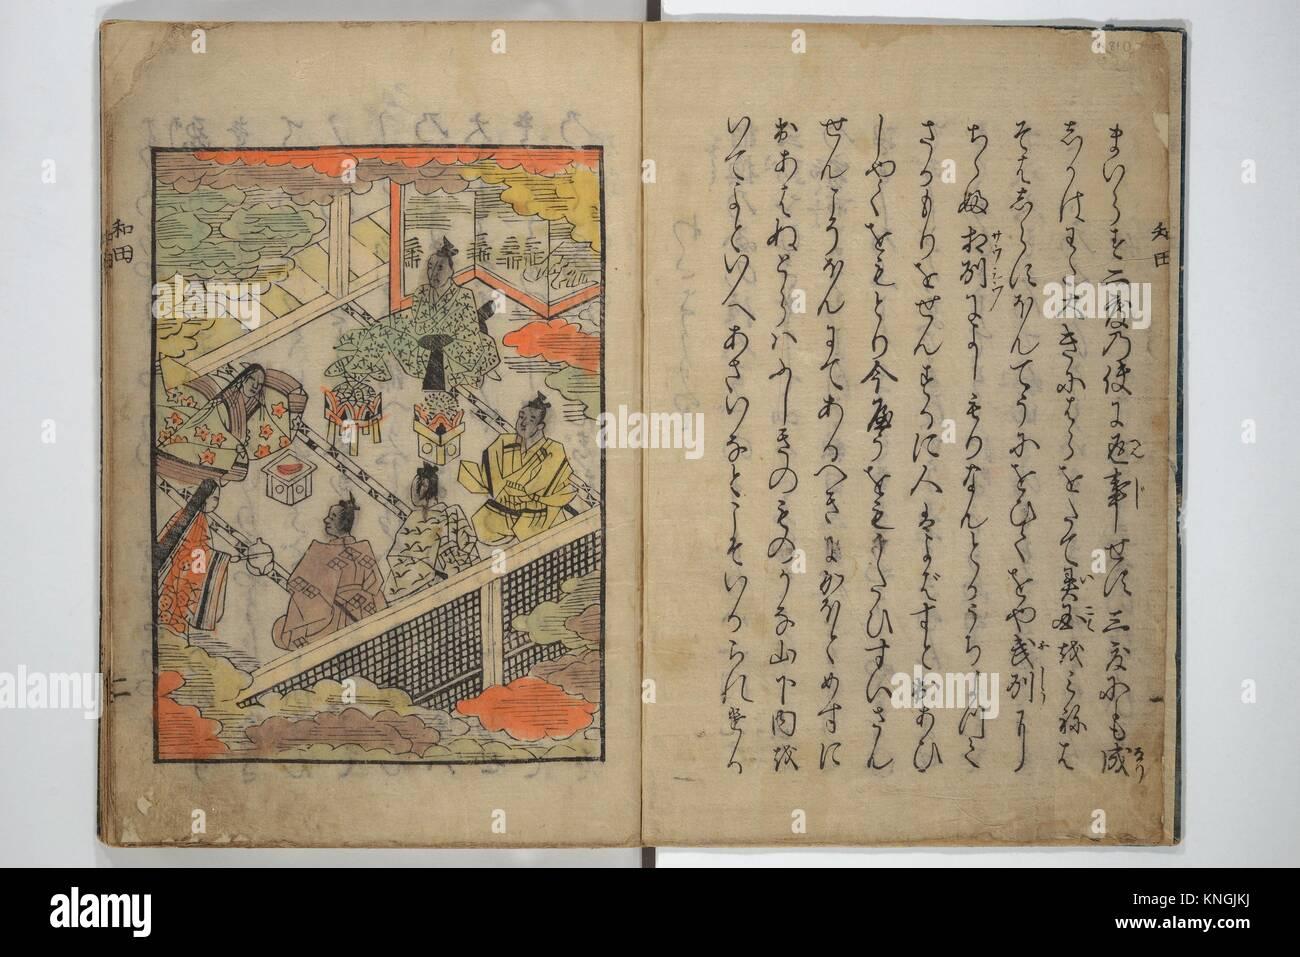 Un album de la collection appartenant à Kochoshusai (la courtoisie Nom du collectionneur) (Kochoshusai gassatsu Photo Stock